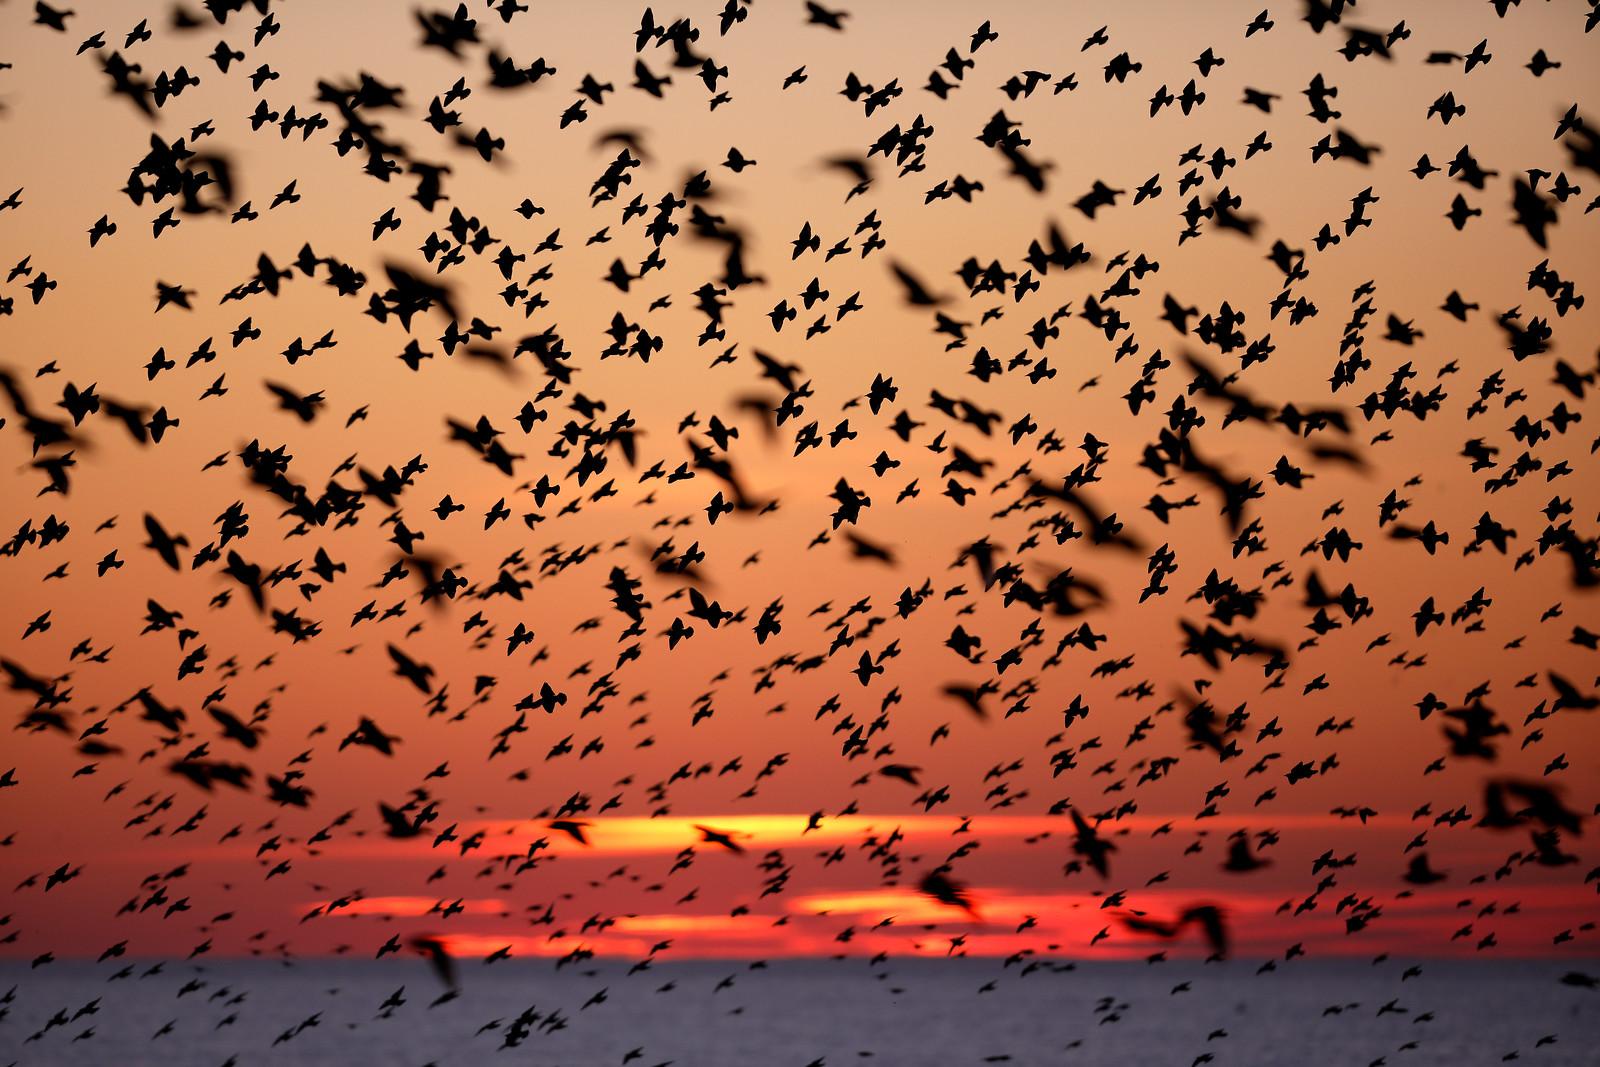 Murmuration Sunset